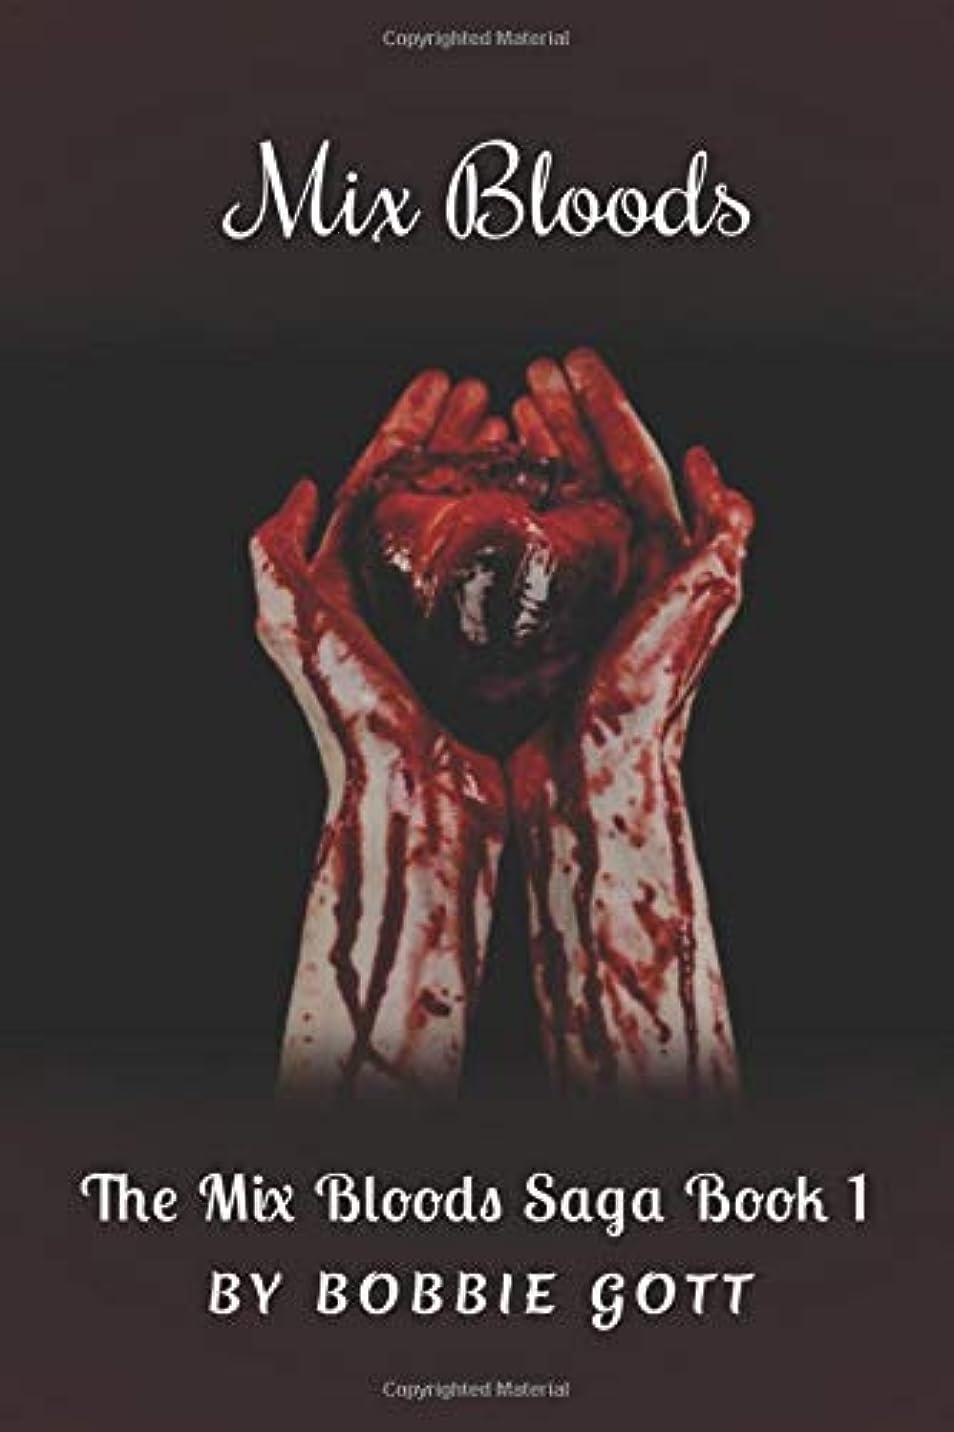 せっかち創始者除外するMix Bloods (The Mix Bloods Saga)